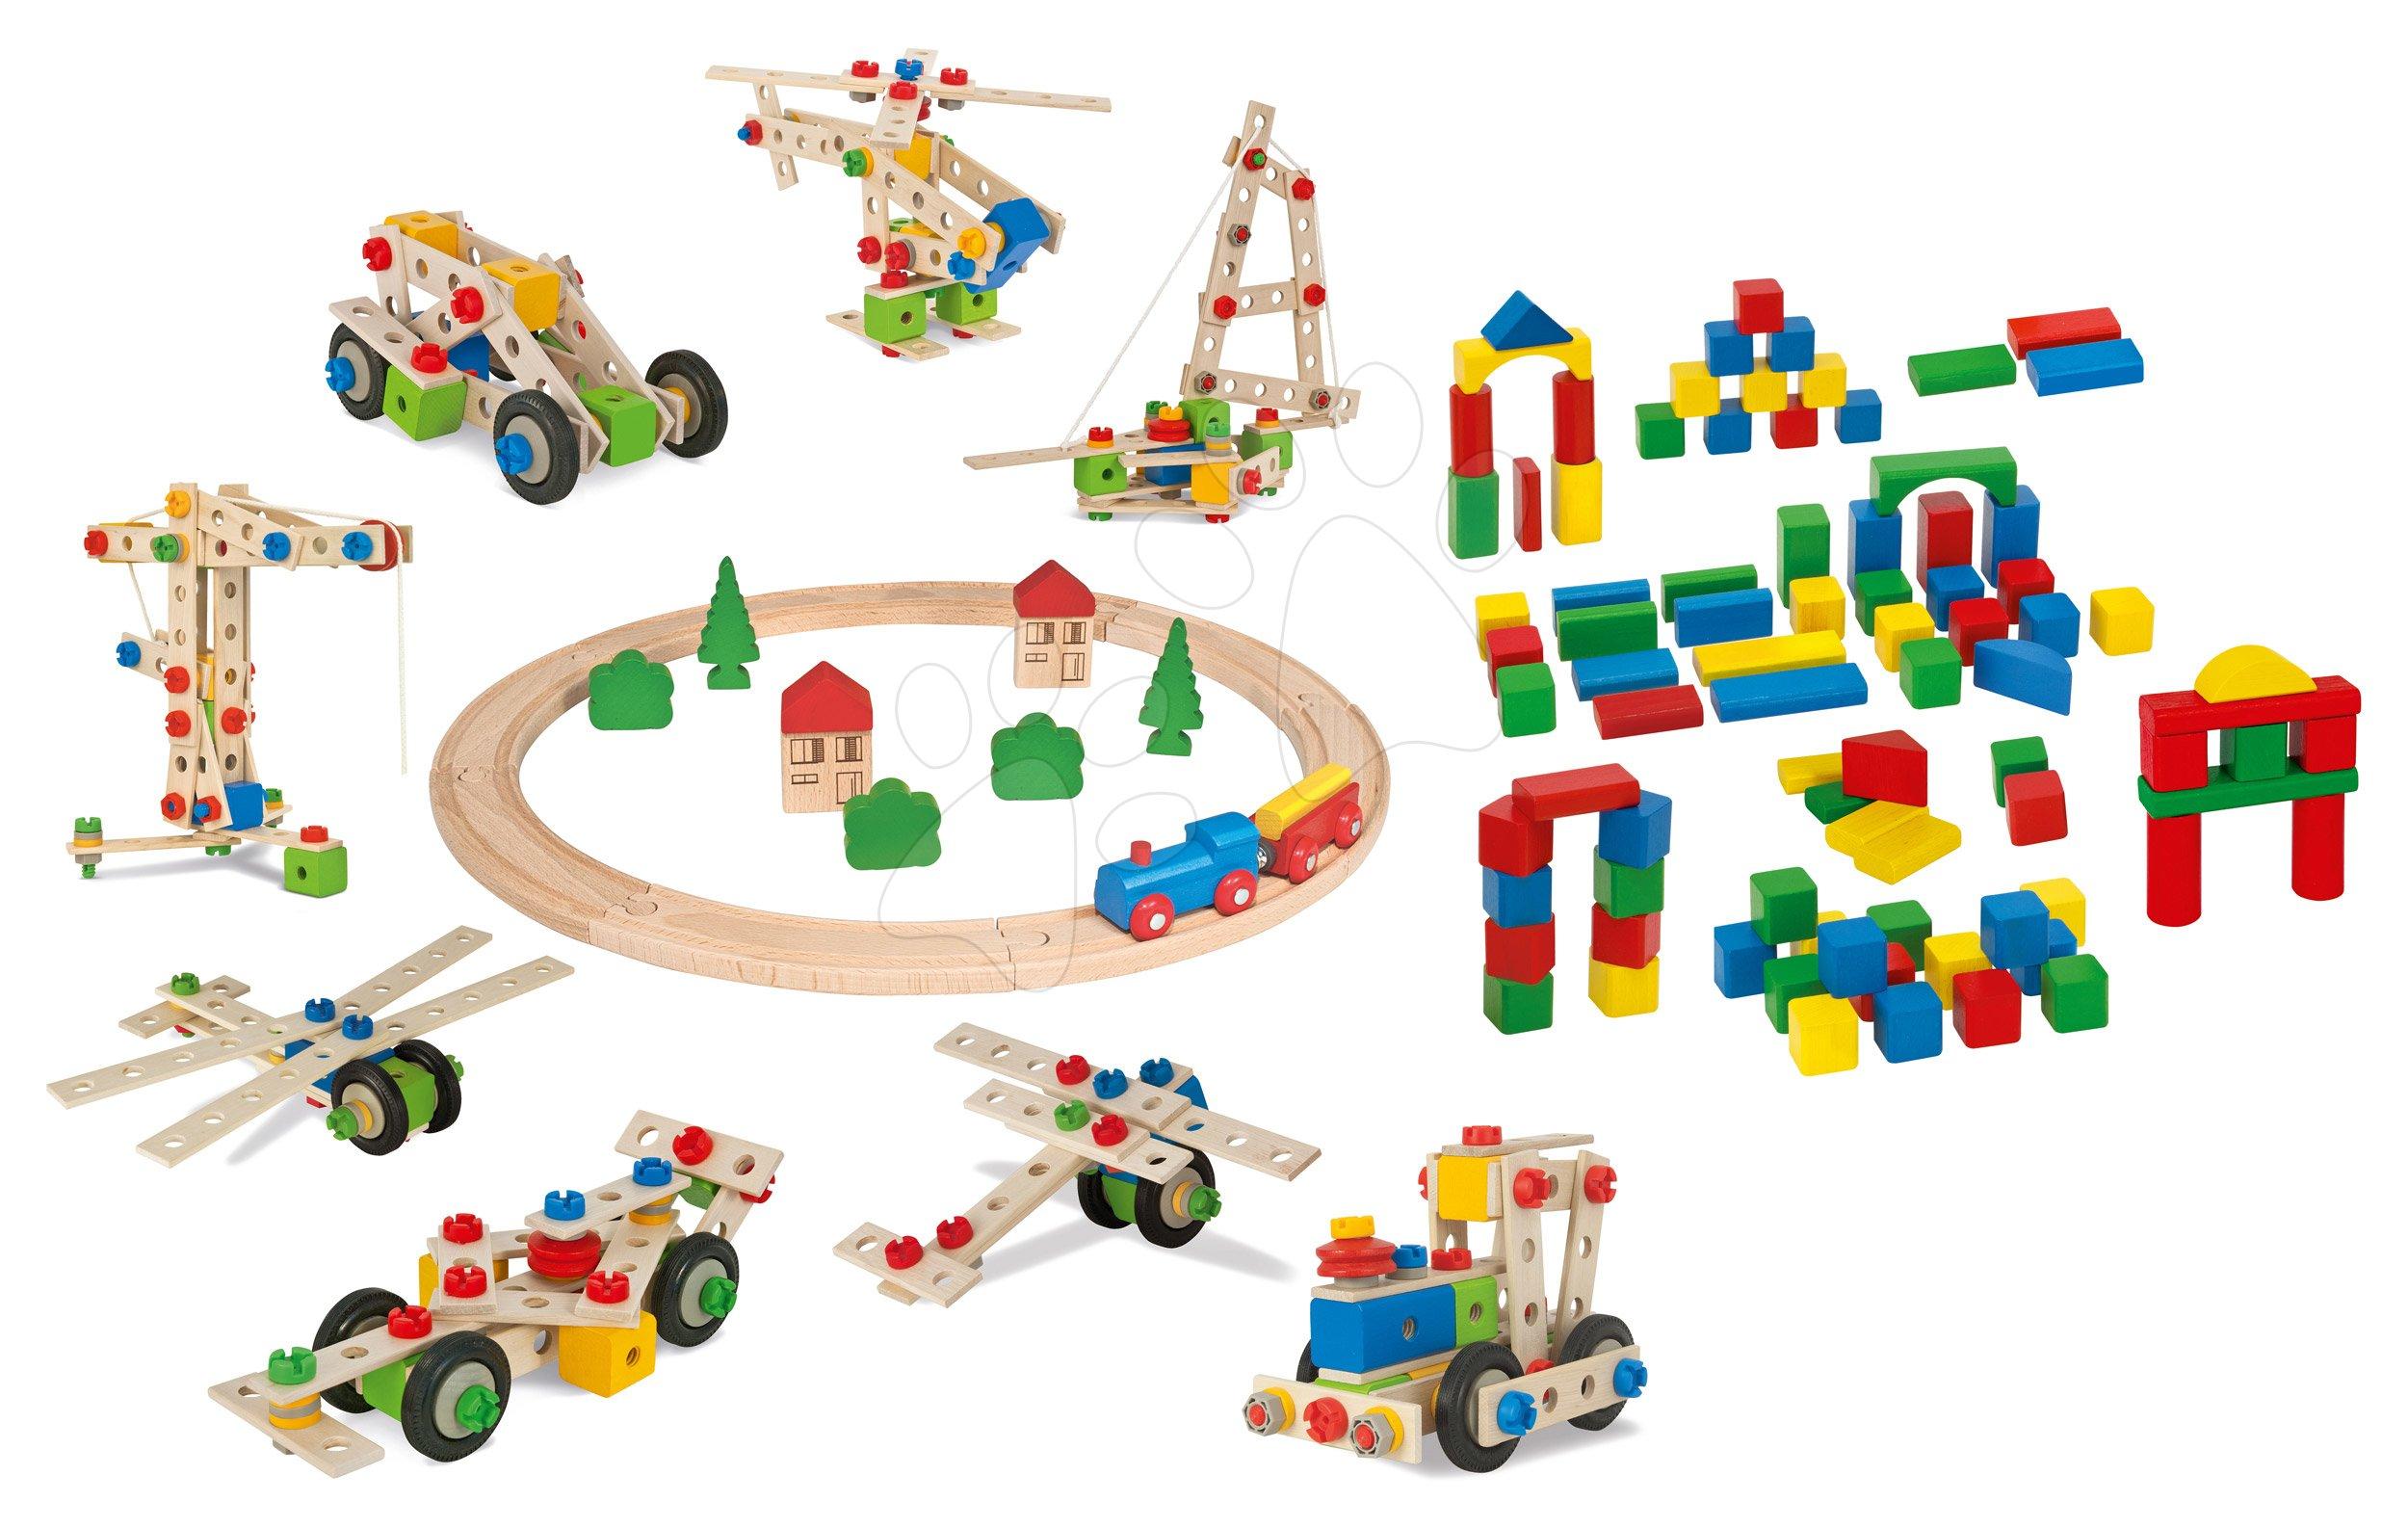 Drevená sada Wooden Toy Assortment 3in1 Eichhorn vláčikodráha 20 dielov stavebnica 85 dielov a kocky 85 kusov od 1-3 rokov